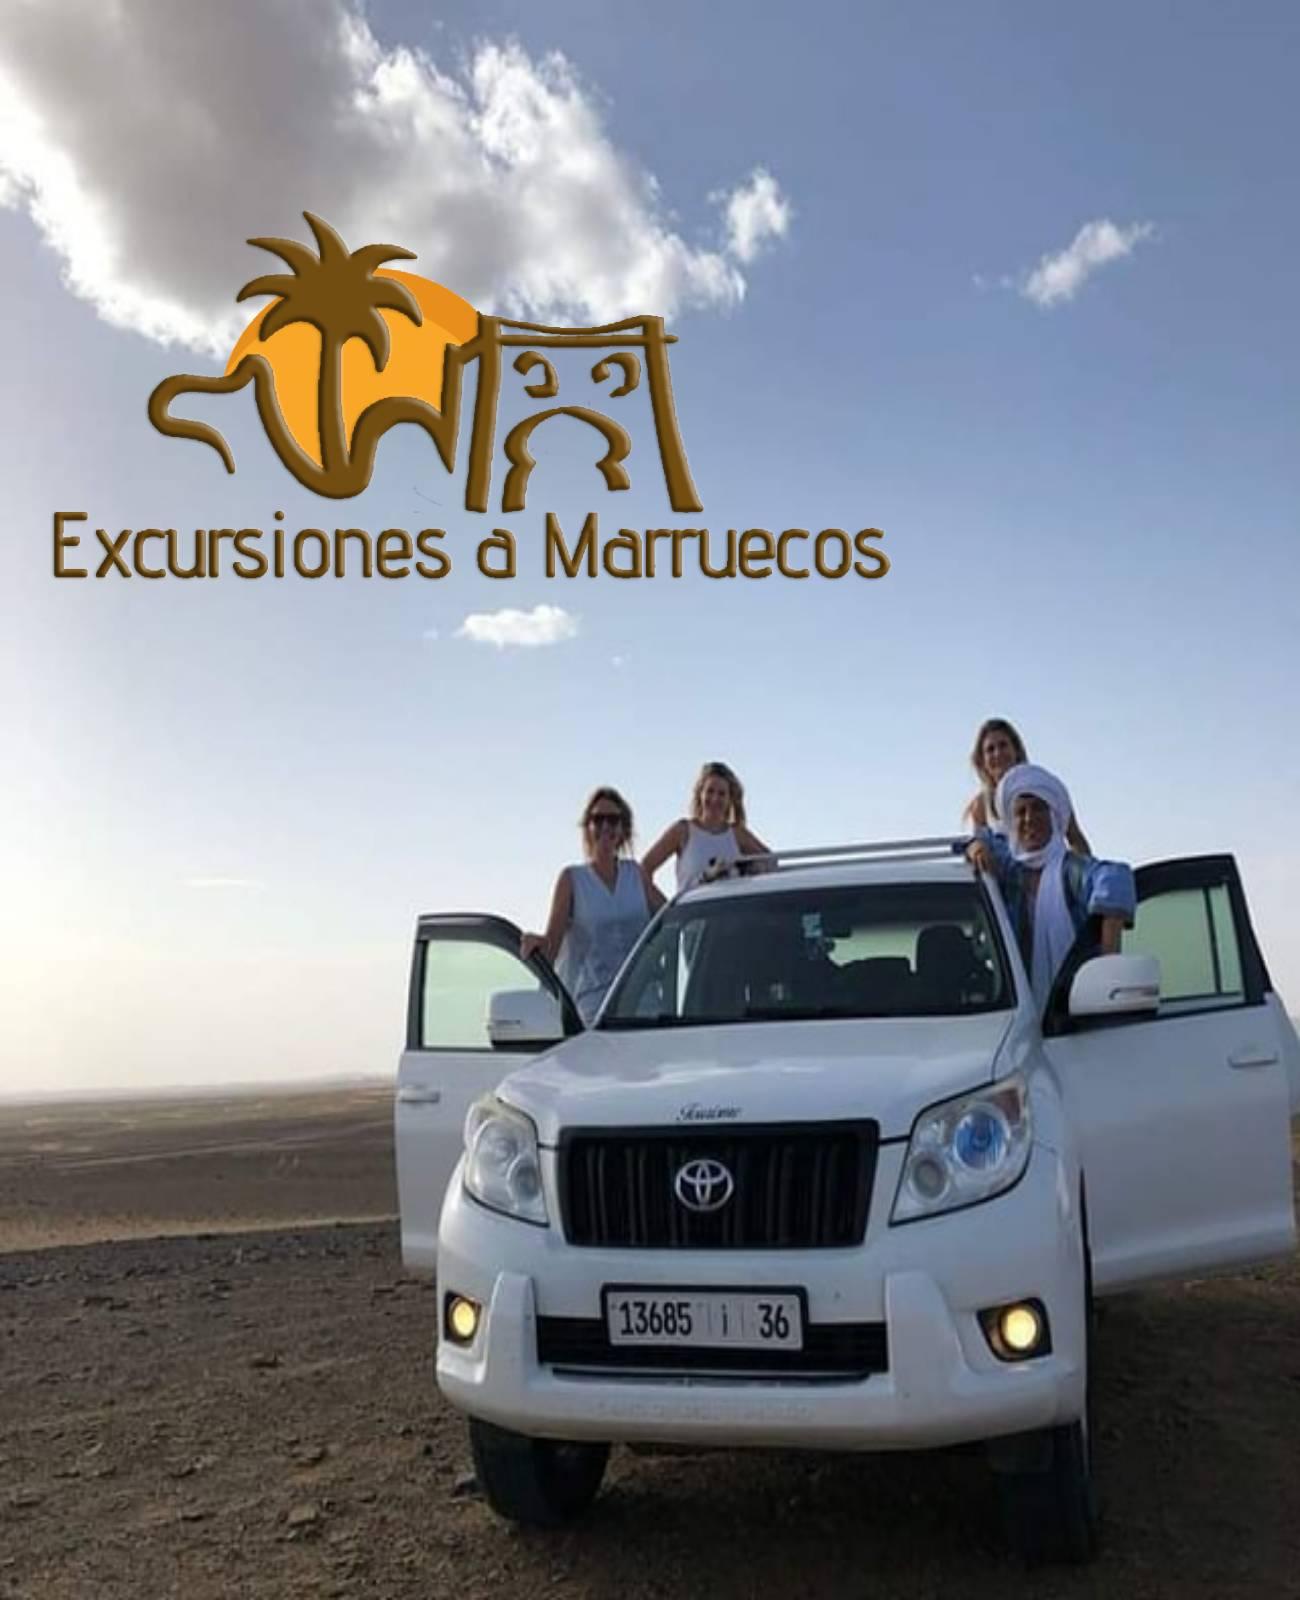 Excursiones y viajes a Marruecos